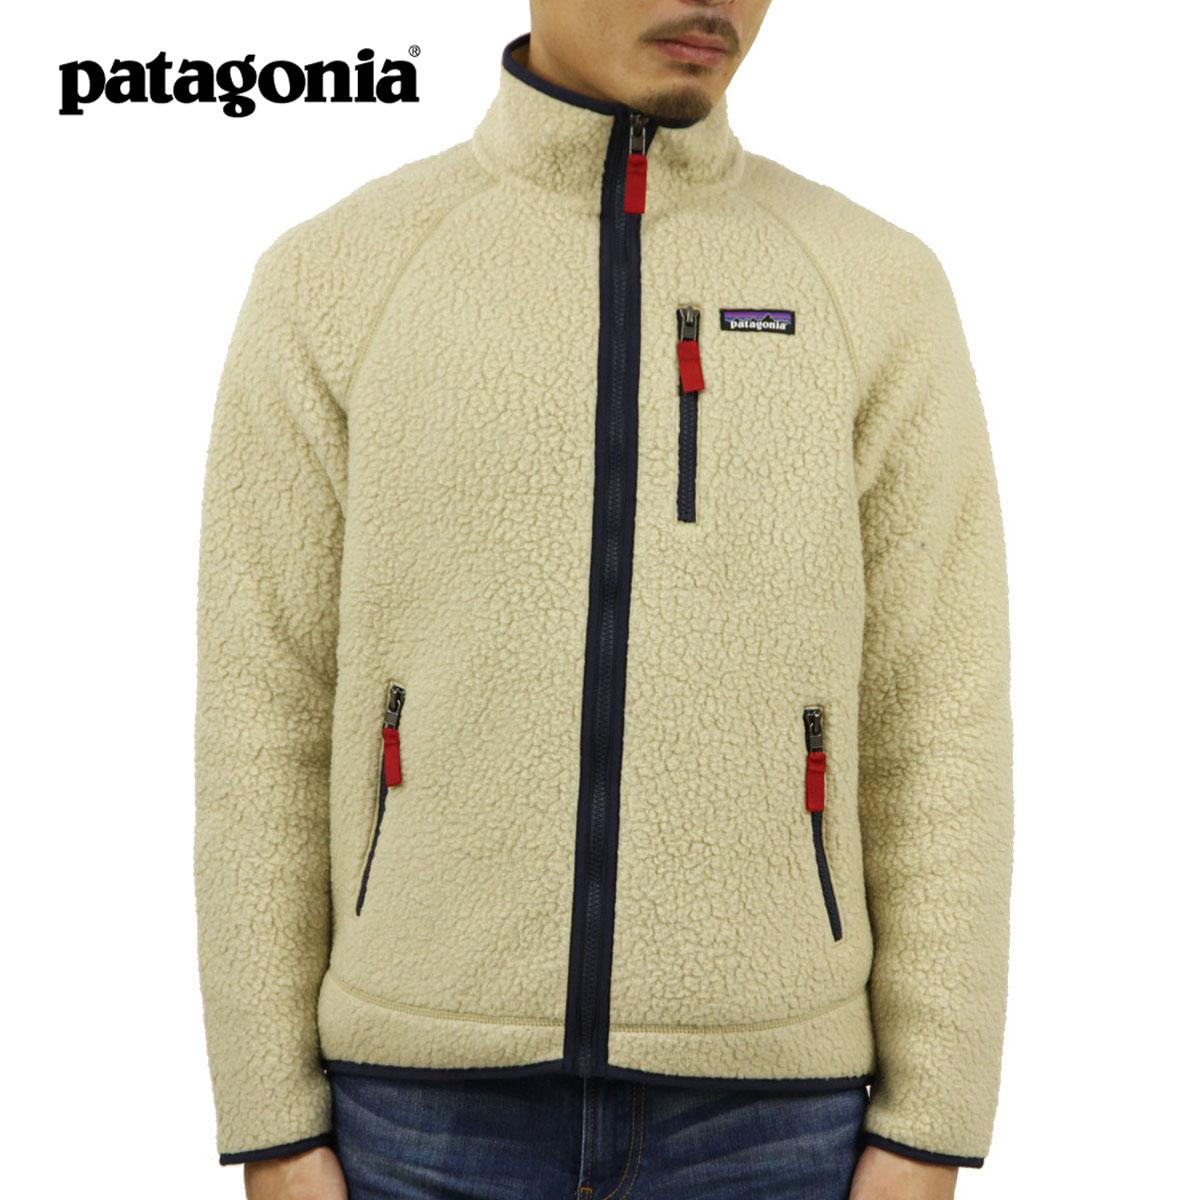 パタゴニア ジャケット メンズ 正規品 patagonia ボアジャケット MEN'S RETRO PILE FLEECE JACKET EL CAP KHAKI 22801 A53B B1C C1D D4E E05F ホワイトデー 2021 ラッピング無料